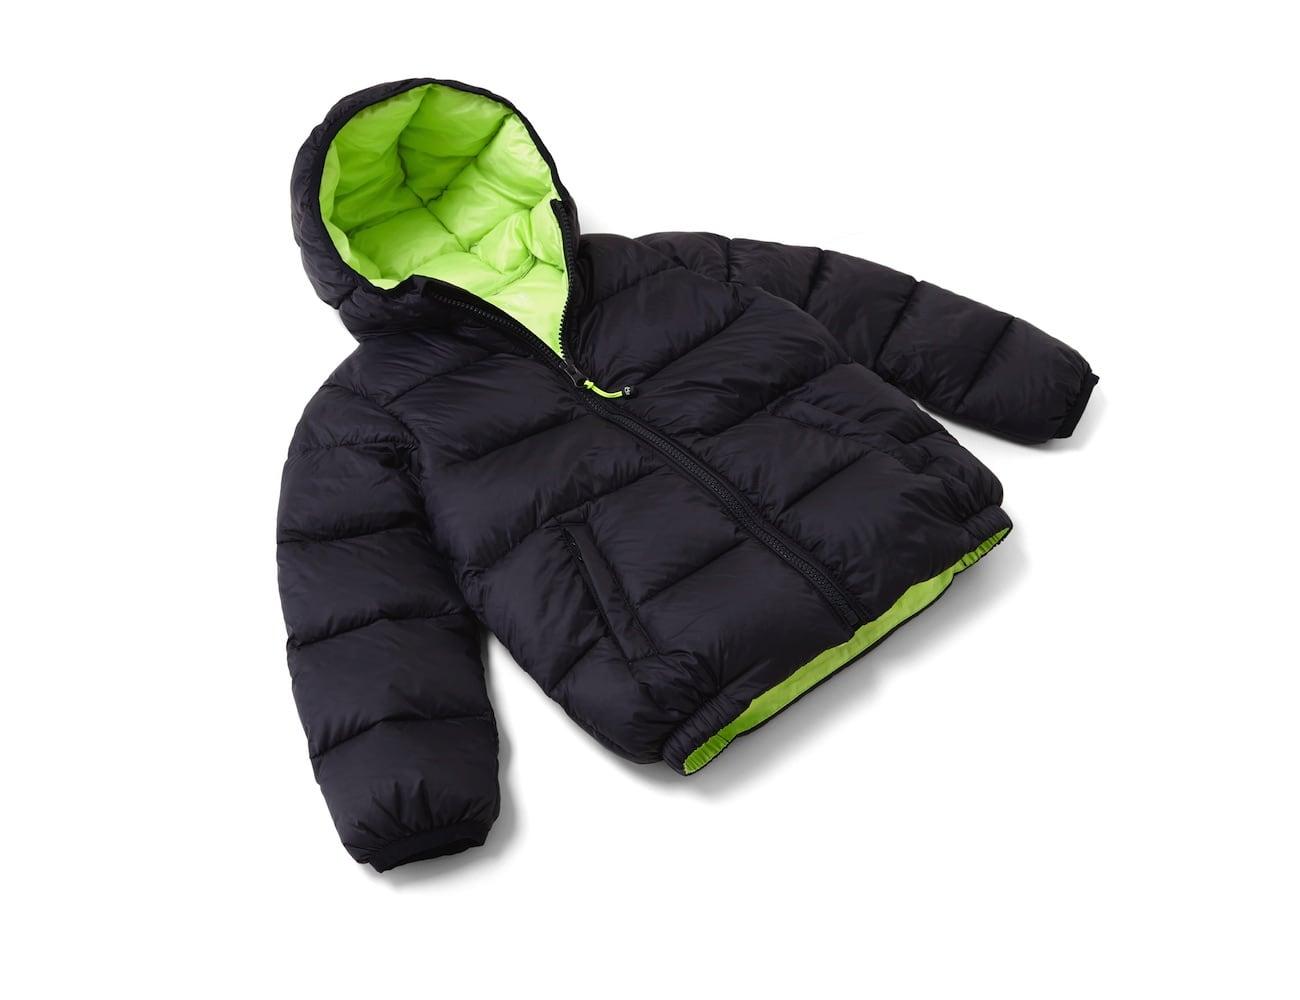 Toastie Puffer Premium Children's Down Jackets